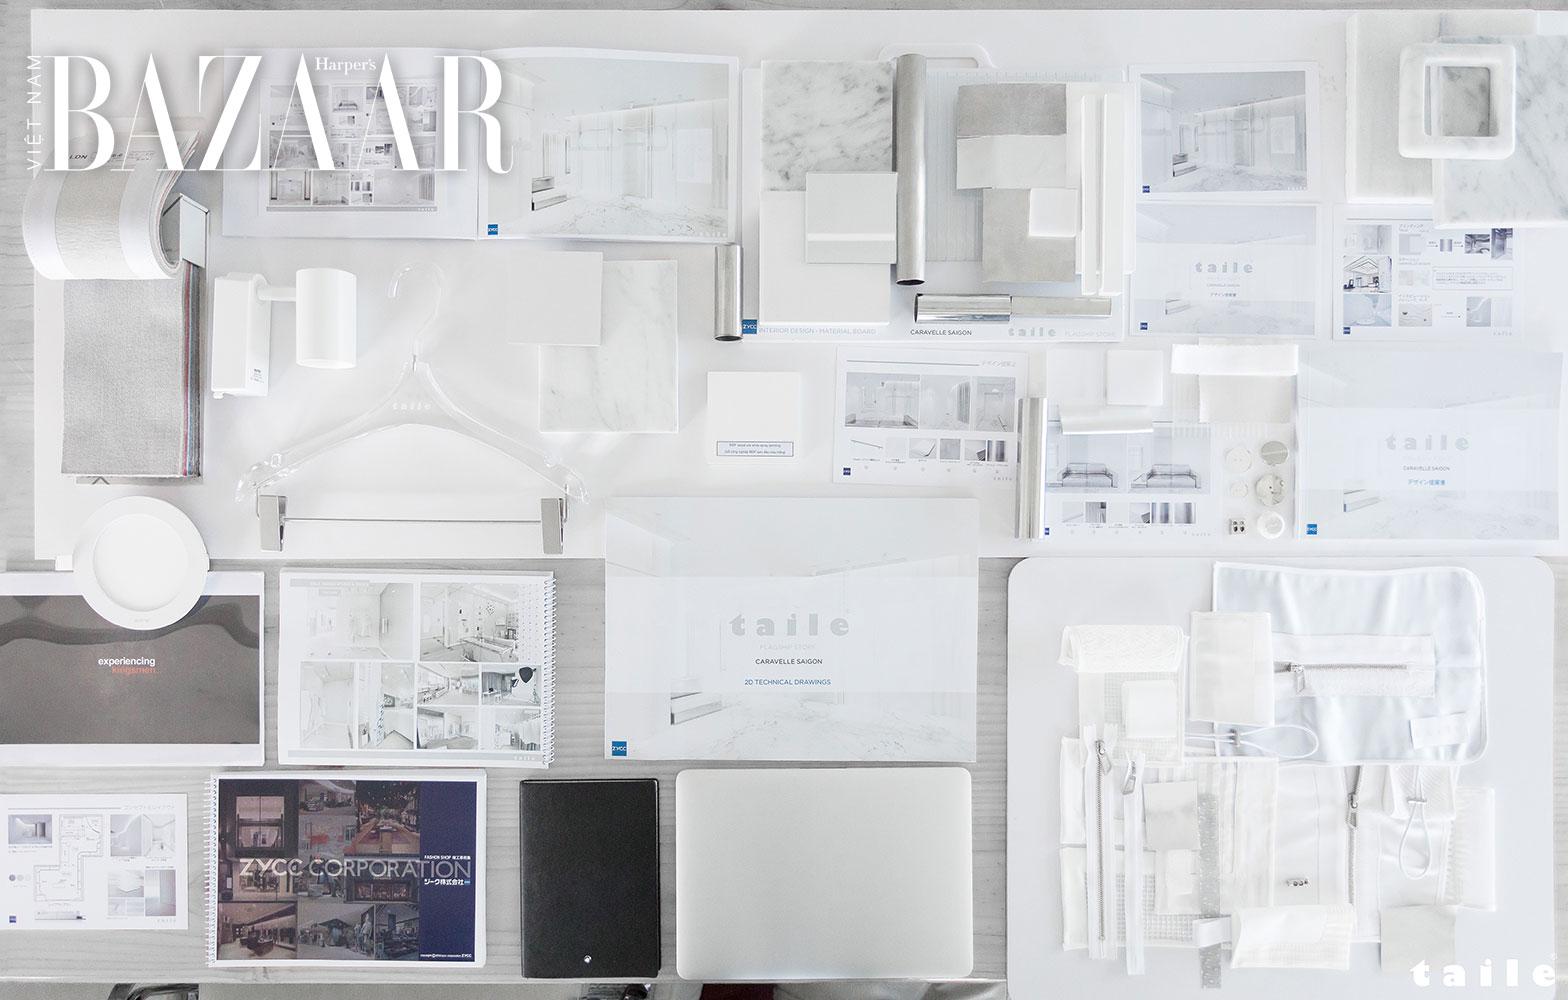 Những bản thảo mà công ty ZYCC đề nghị cho cửa hàng flagship mới của TAILE